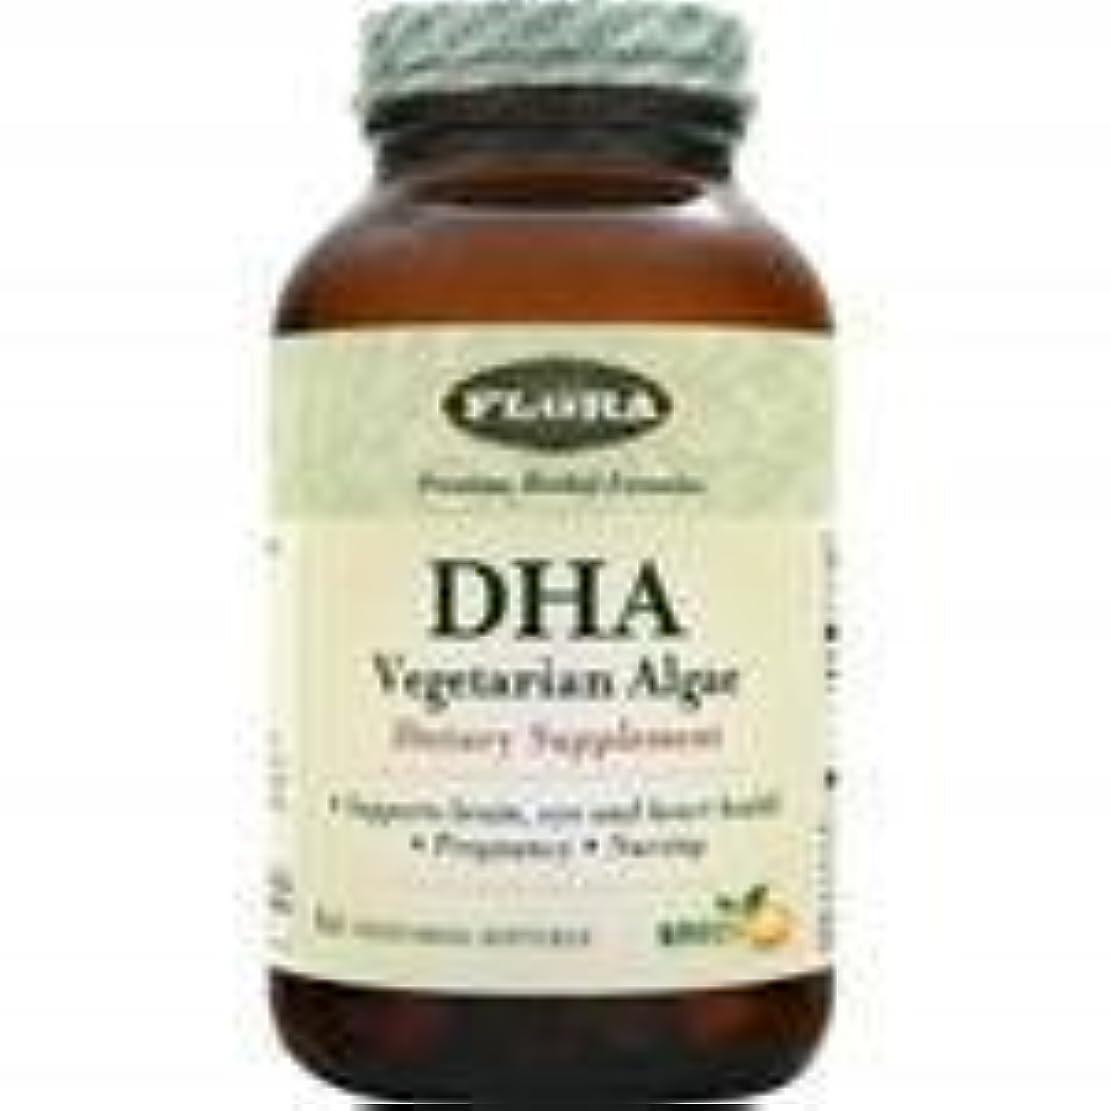 件名ドルアーチDHA - ベジタリアン藻類 60 ソフトジェル 2個パック